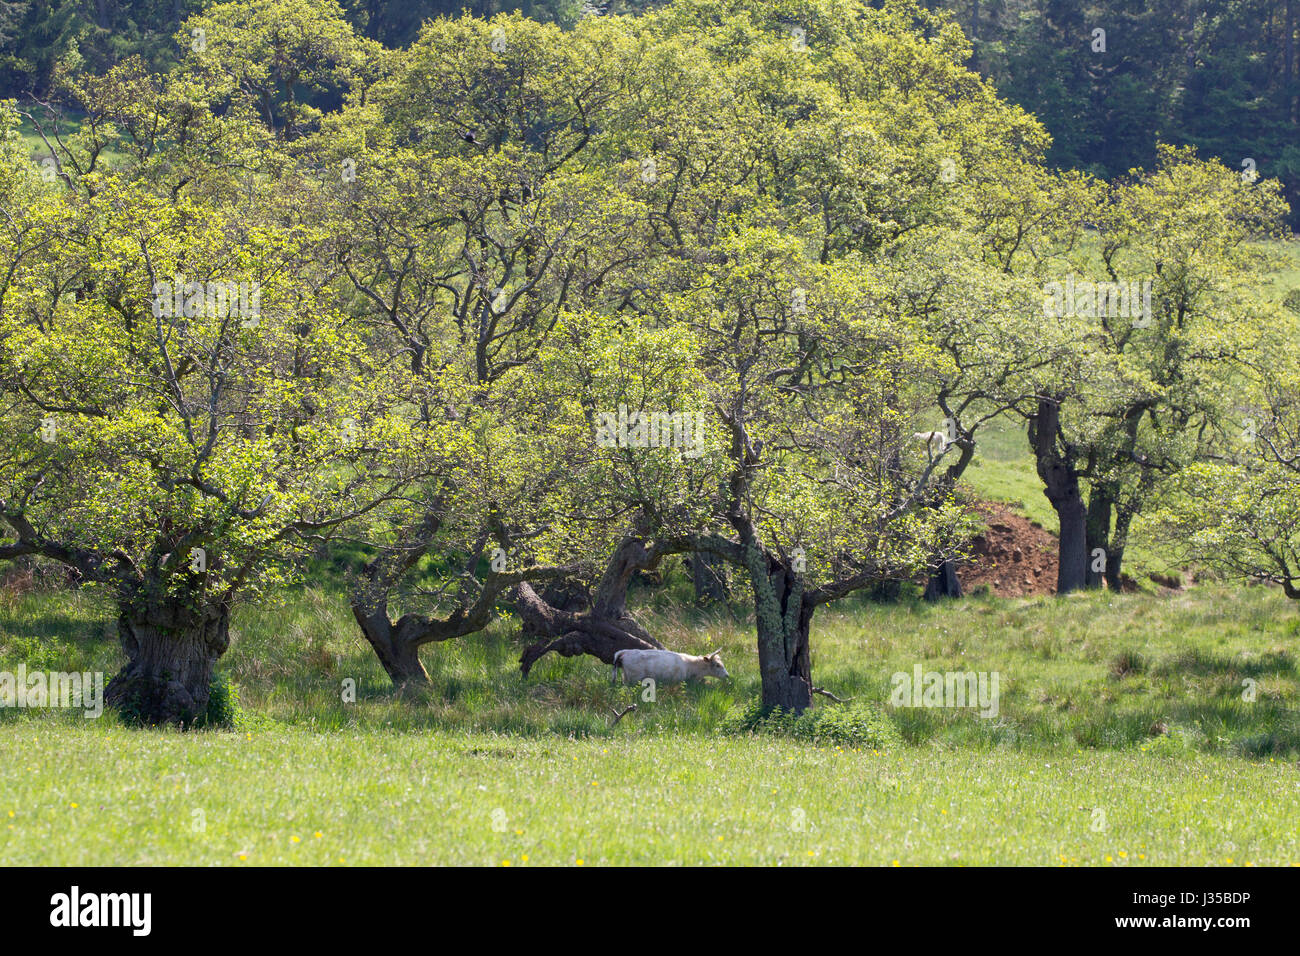 Chillingham Wild White Cattle, Single adult female roaming through woodland, Chillingham Estate, Northumberland, - Stock Image